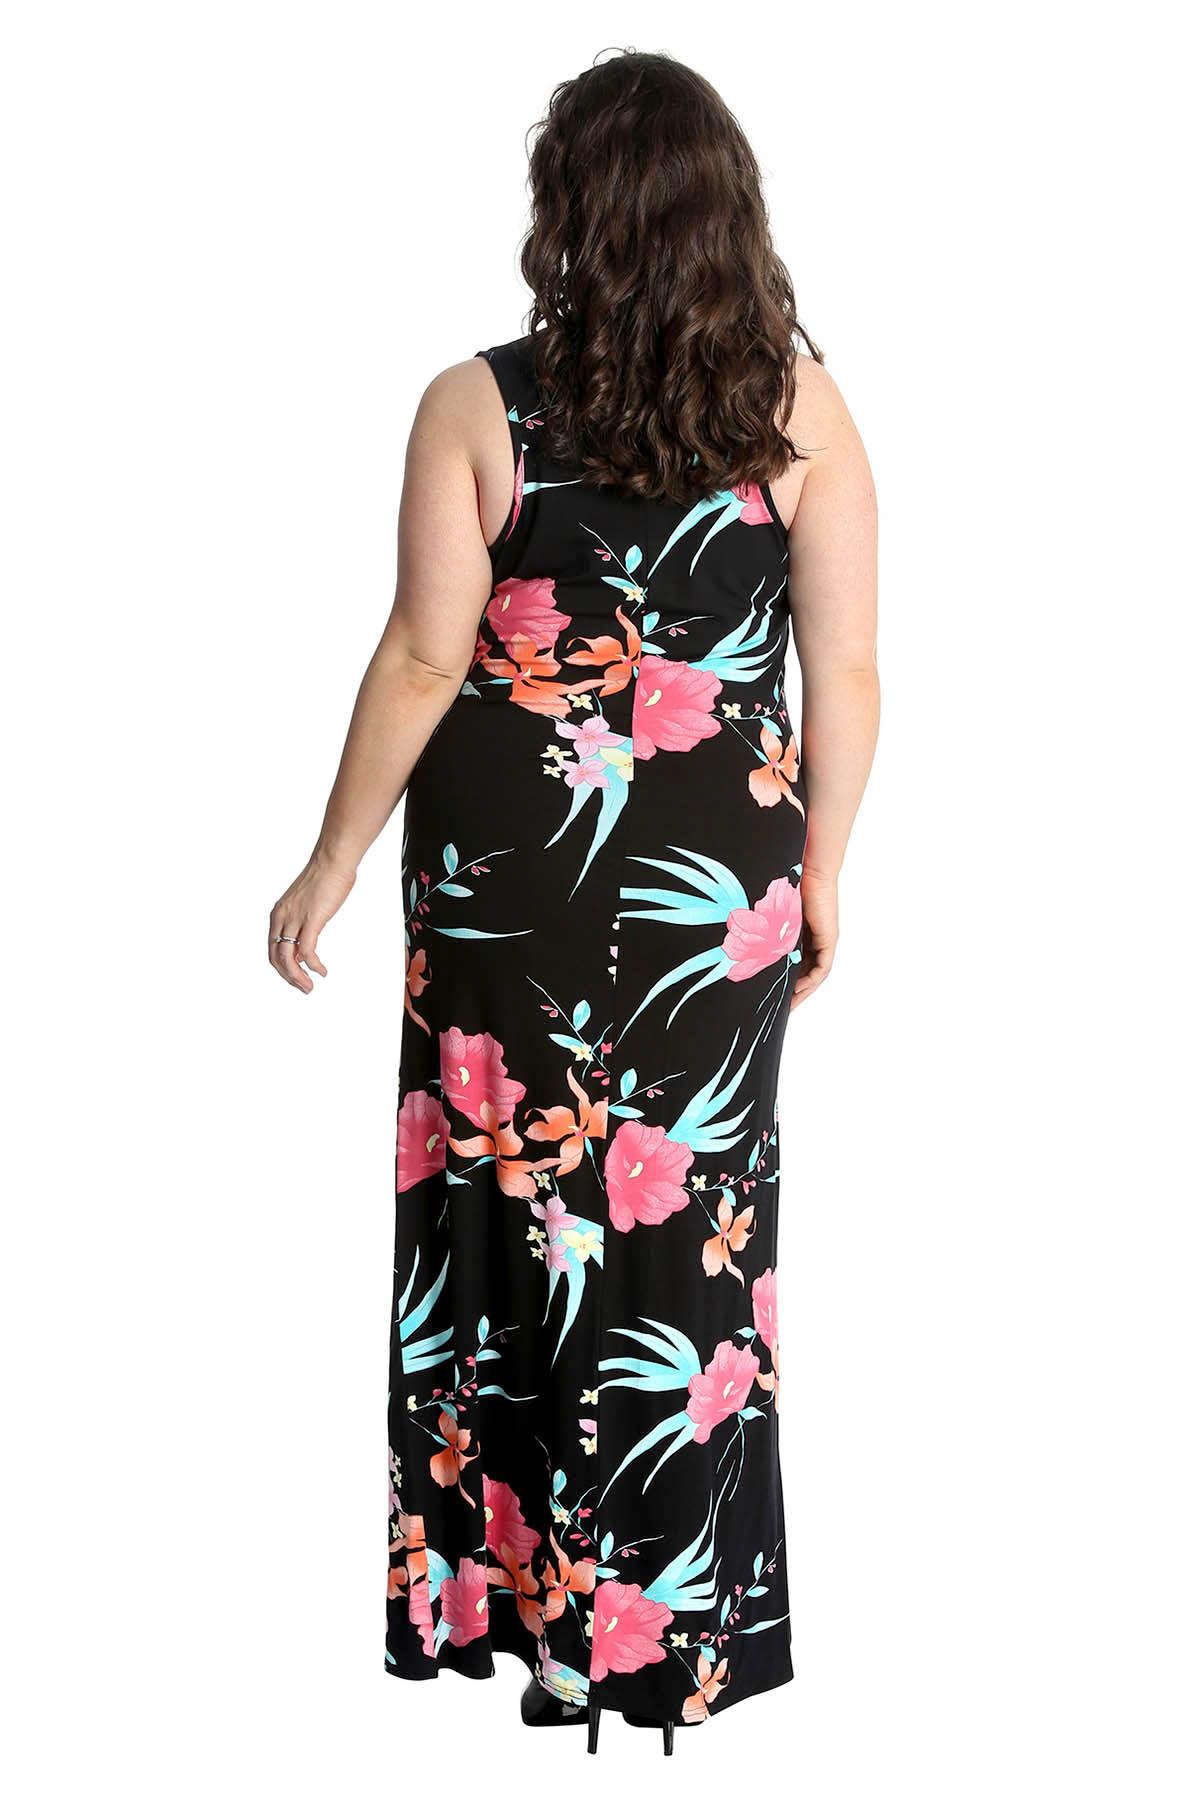 New-Womens-Maxi-Dress-Plus-Size-Ladies-Floral-Print-Long-Ankle-Length-Nouvelle